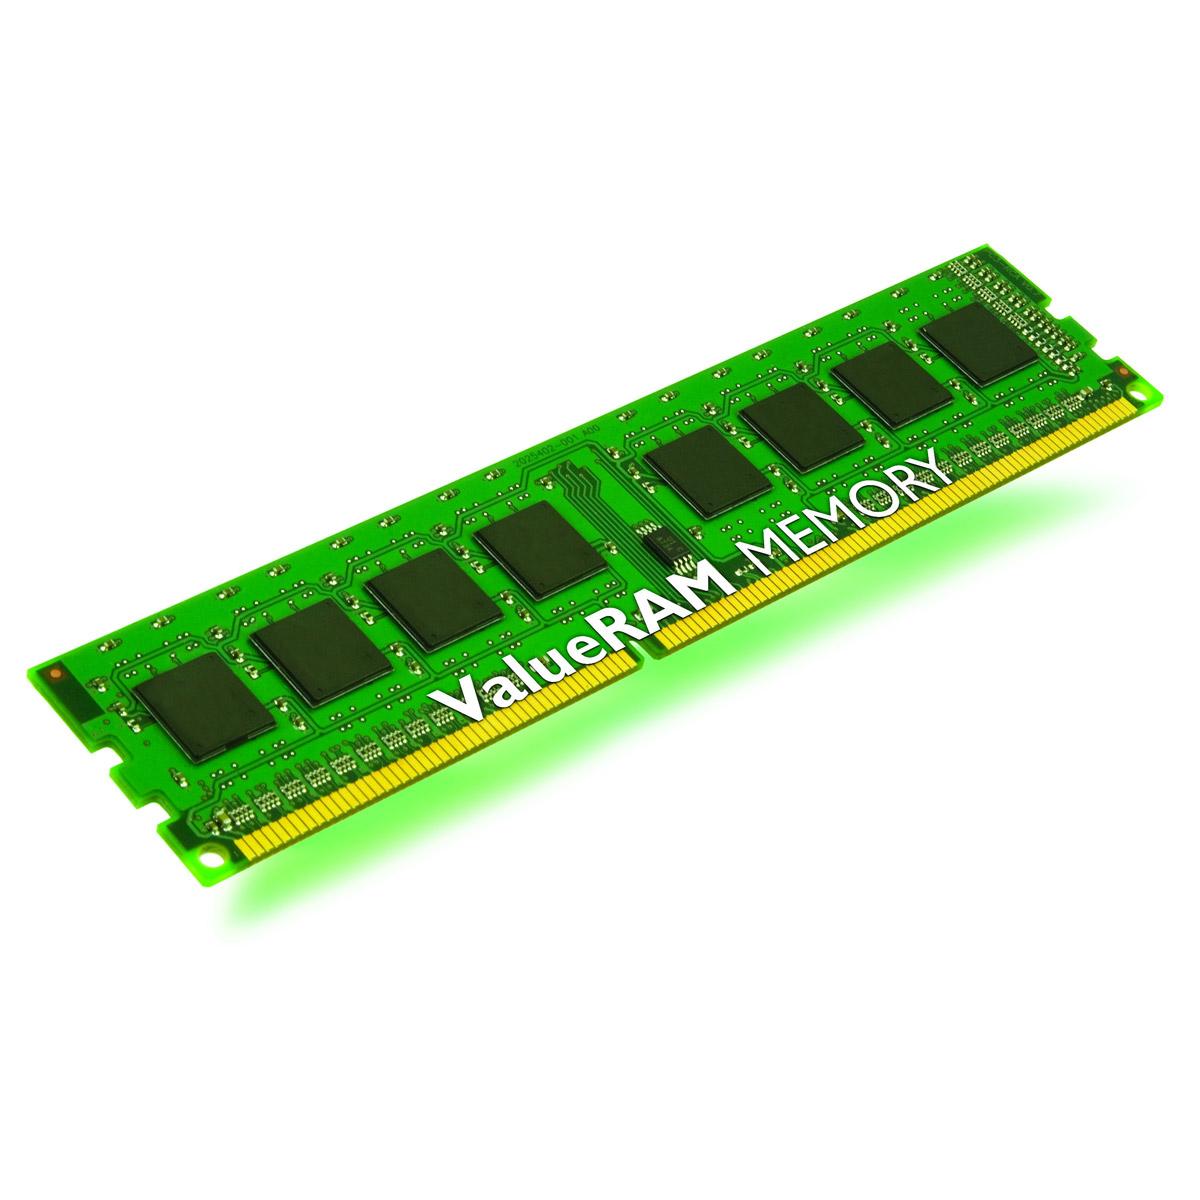 Mémoire PC Kingston ValueRAM 4 Go DDR3 1333 MHz CL9 SR X8 RAM DDR3 PC10600 - KVR13N9S8H/4 (garantie à vie par Kingston)